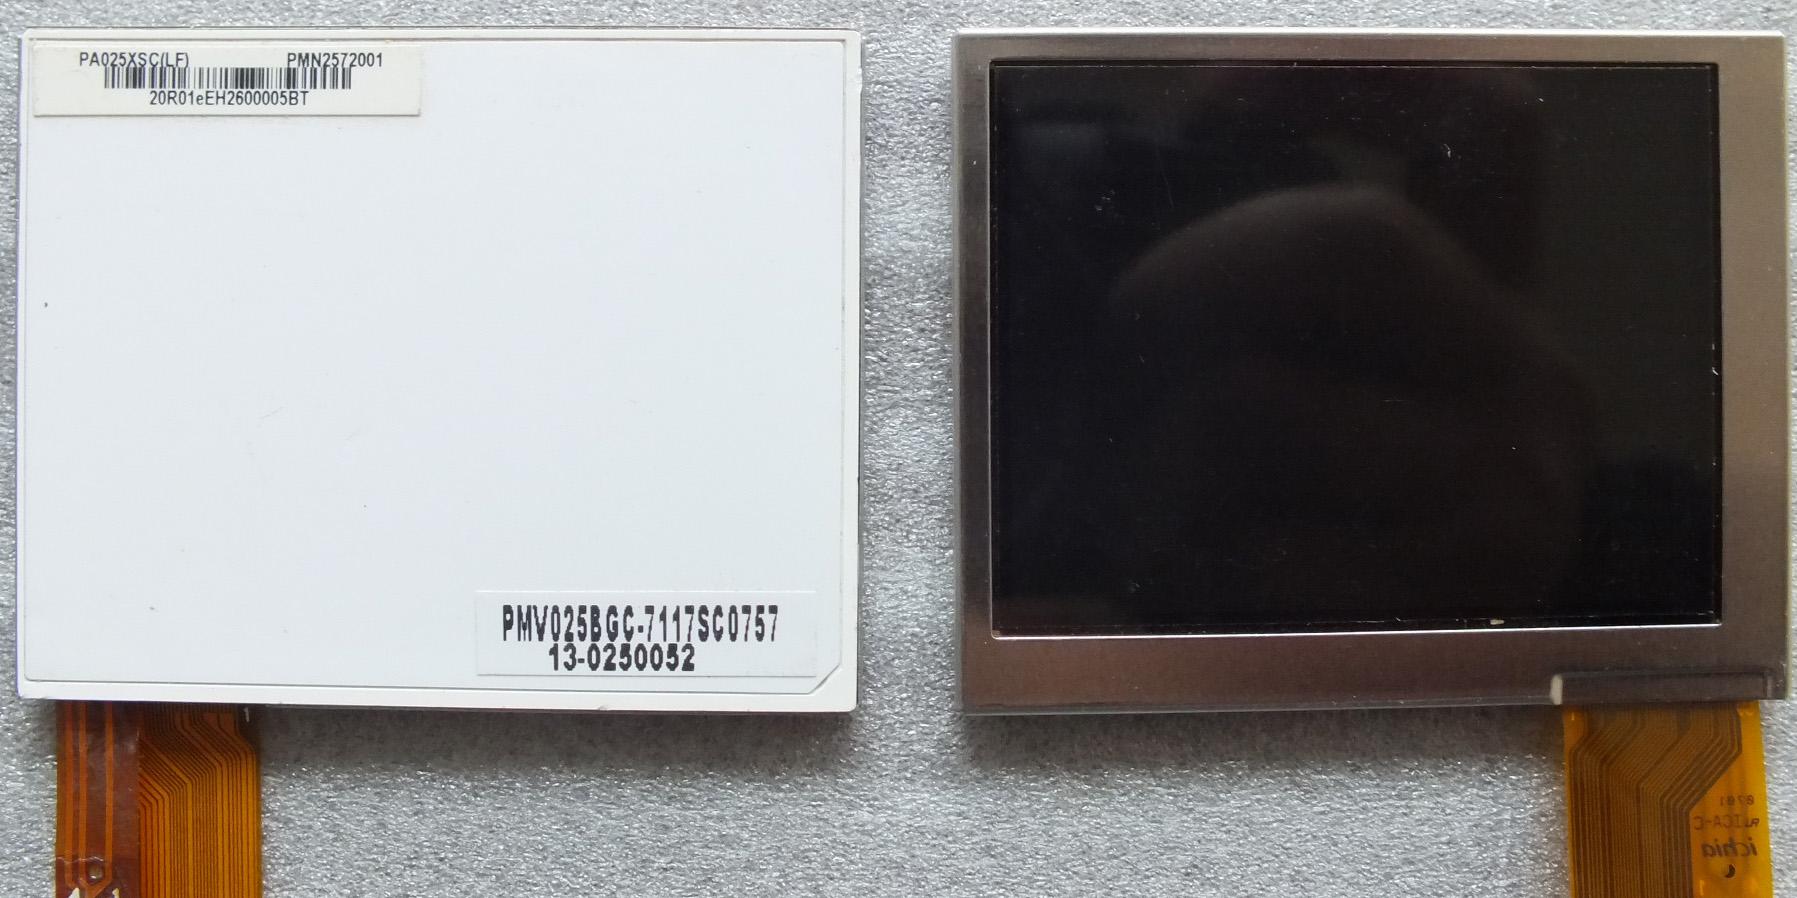 现货供应元太2.5寸模拟屏PA025XSC 全新现货另有元太全系列工业屏